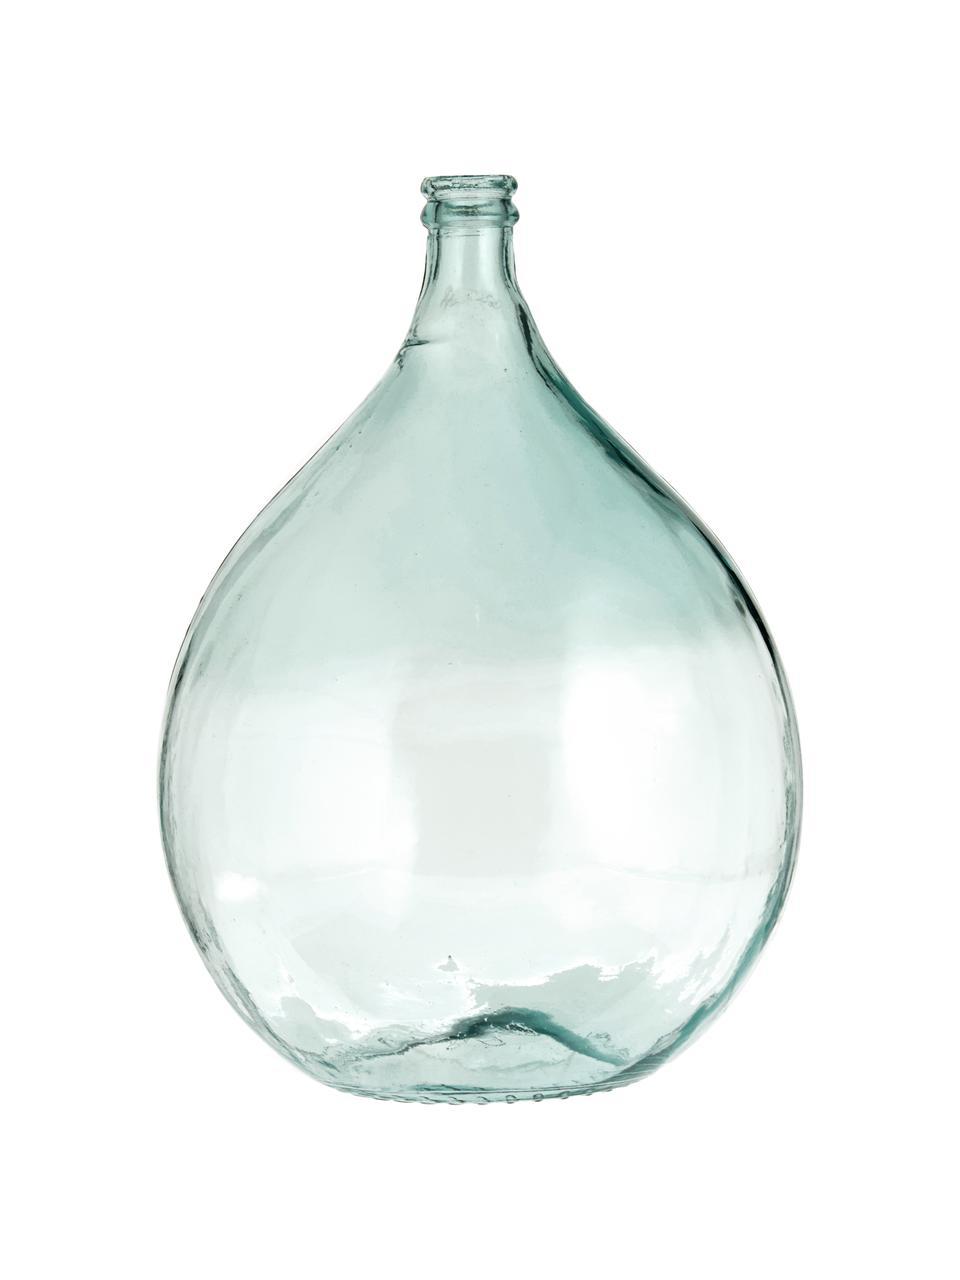 Wazon podłogowy ze szkła z recyklingu Mikkel, Szkło recyklingowe, Jasny niebieski, Ø 40 x W 56 cm